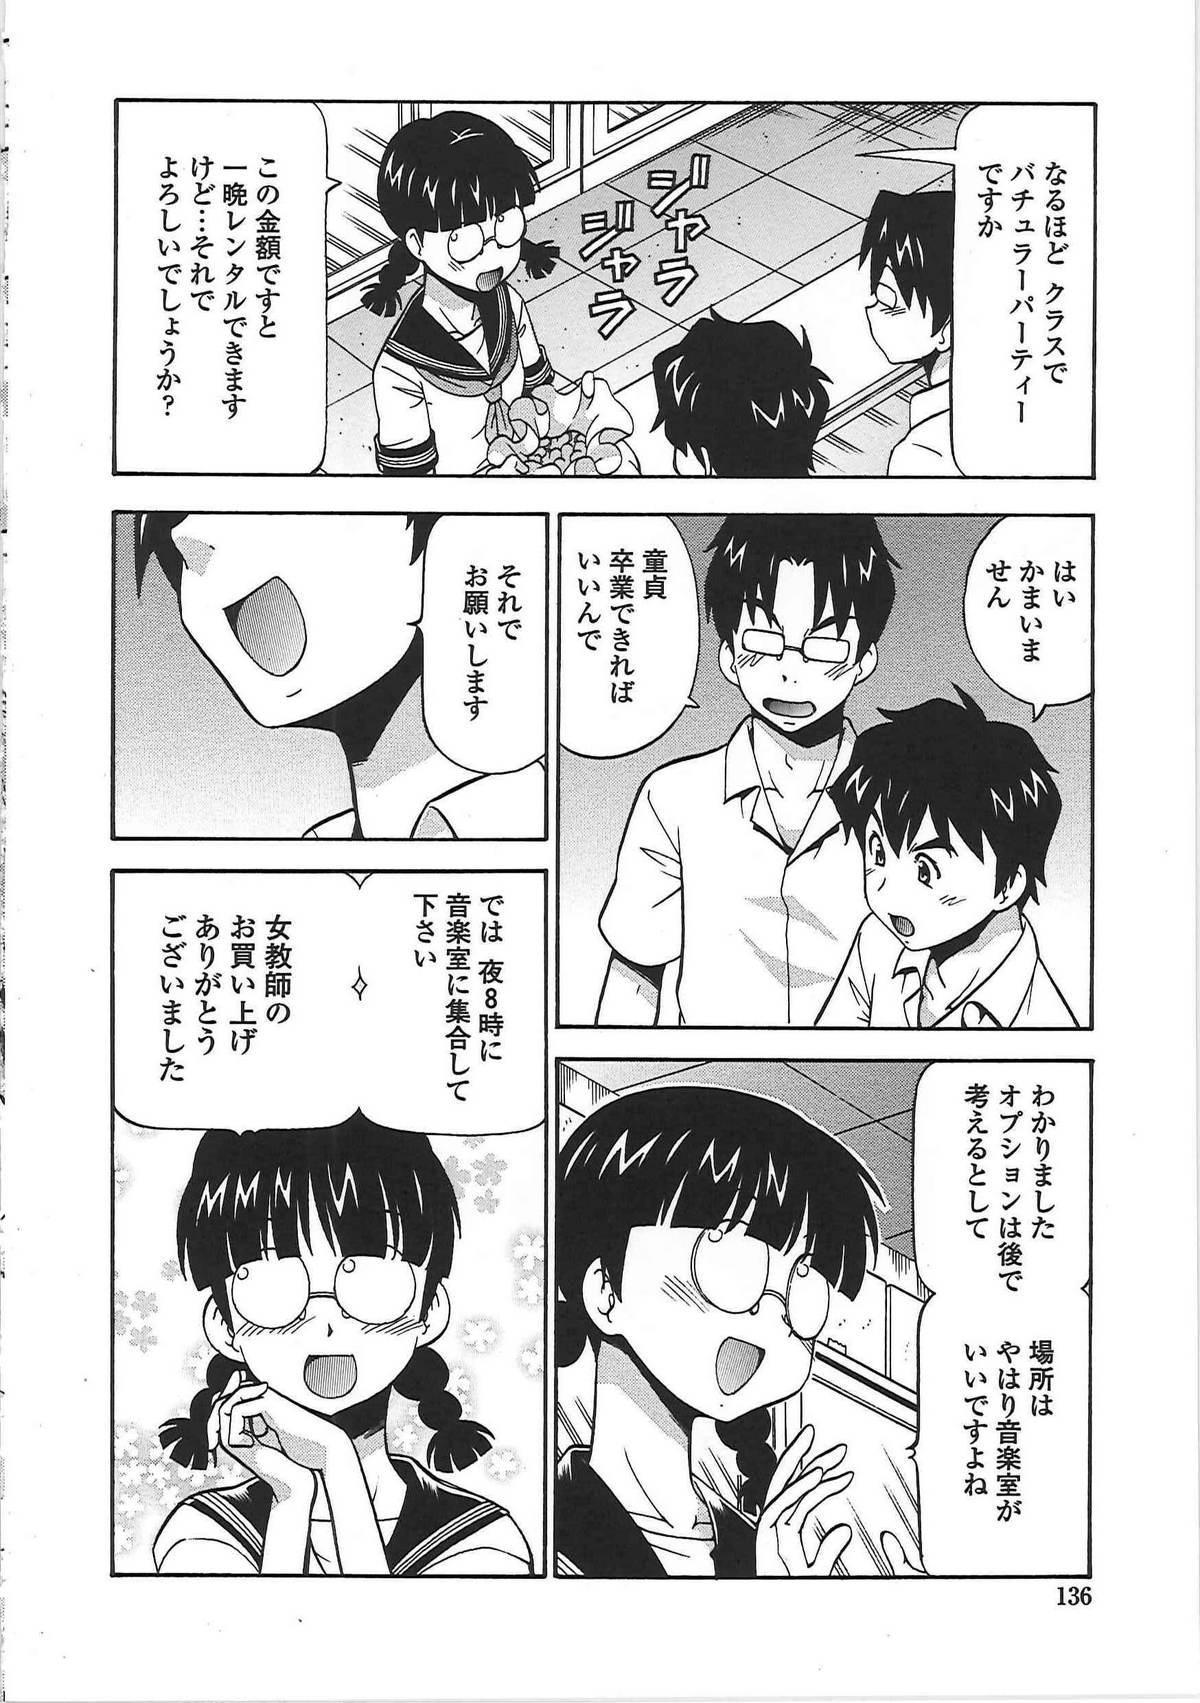 Hentai Iinchou 140